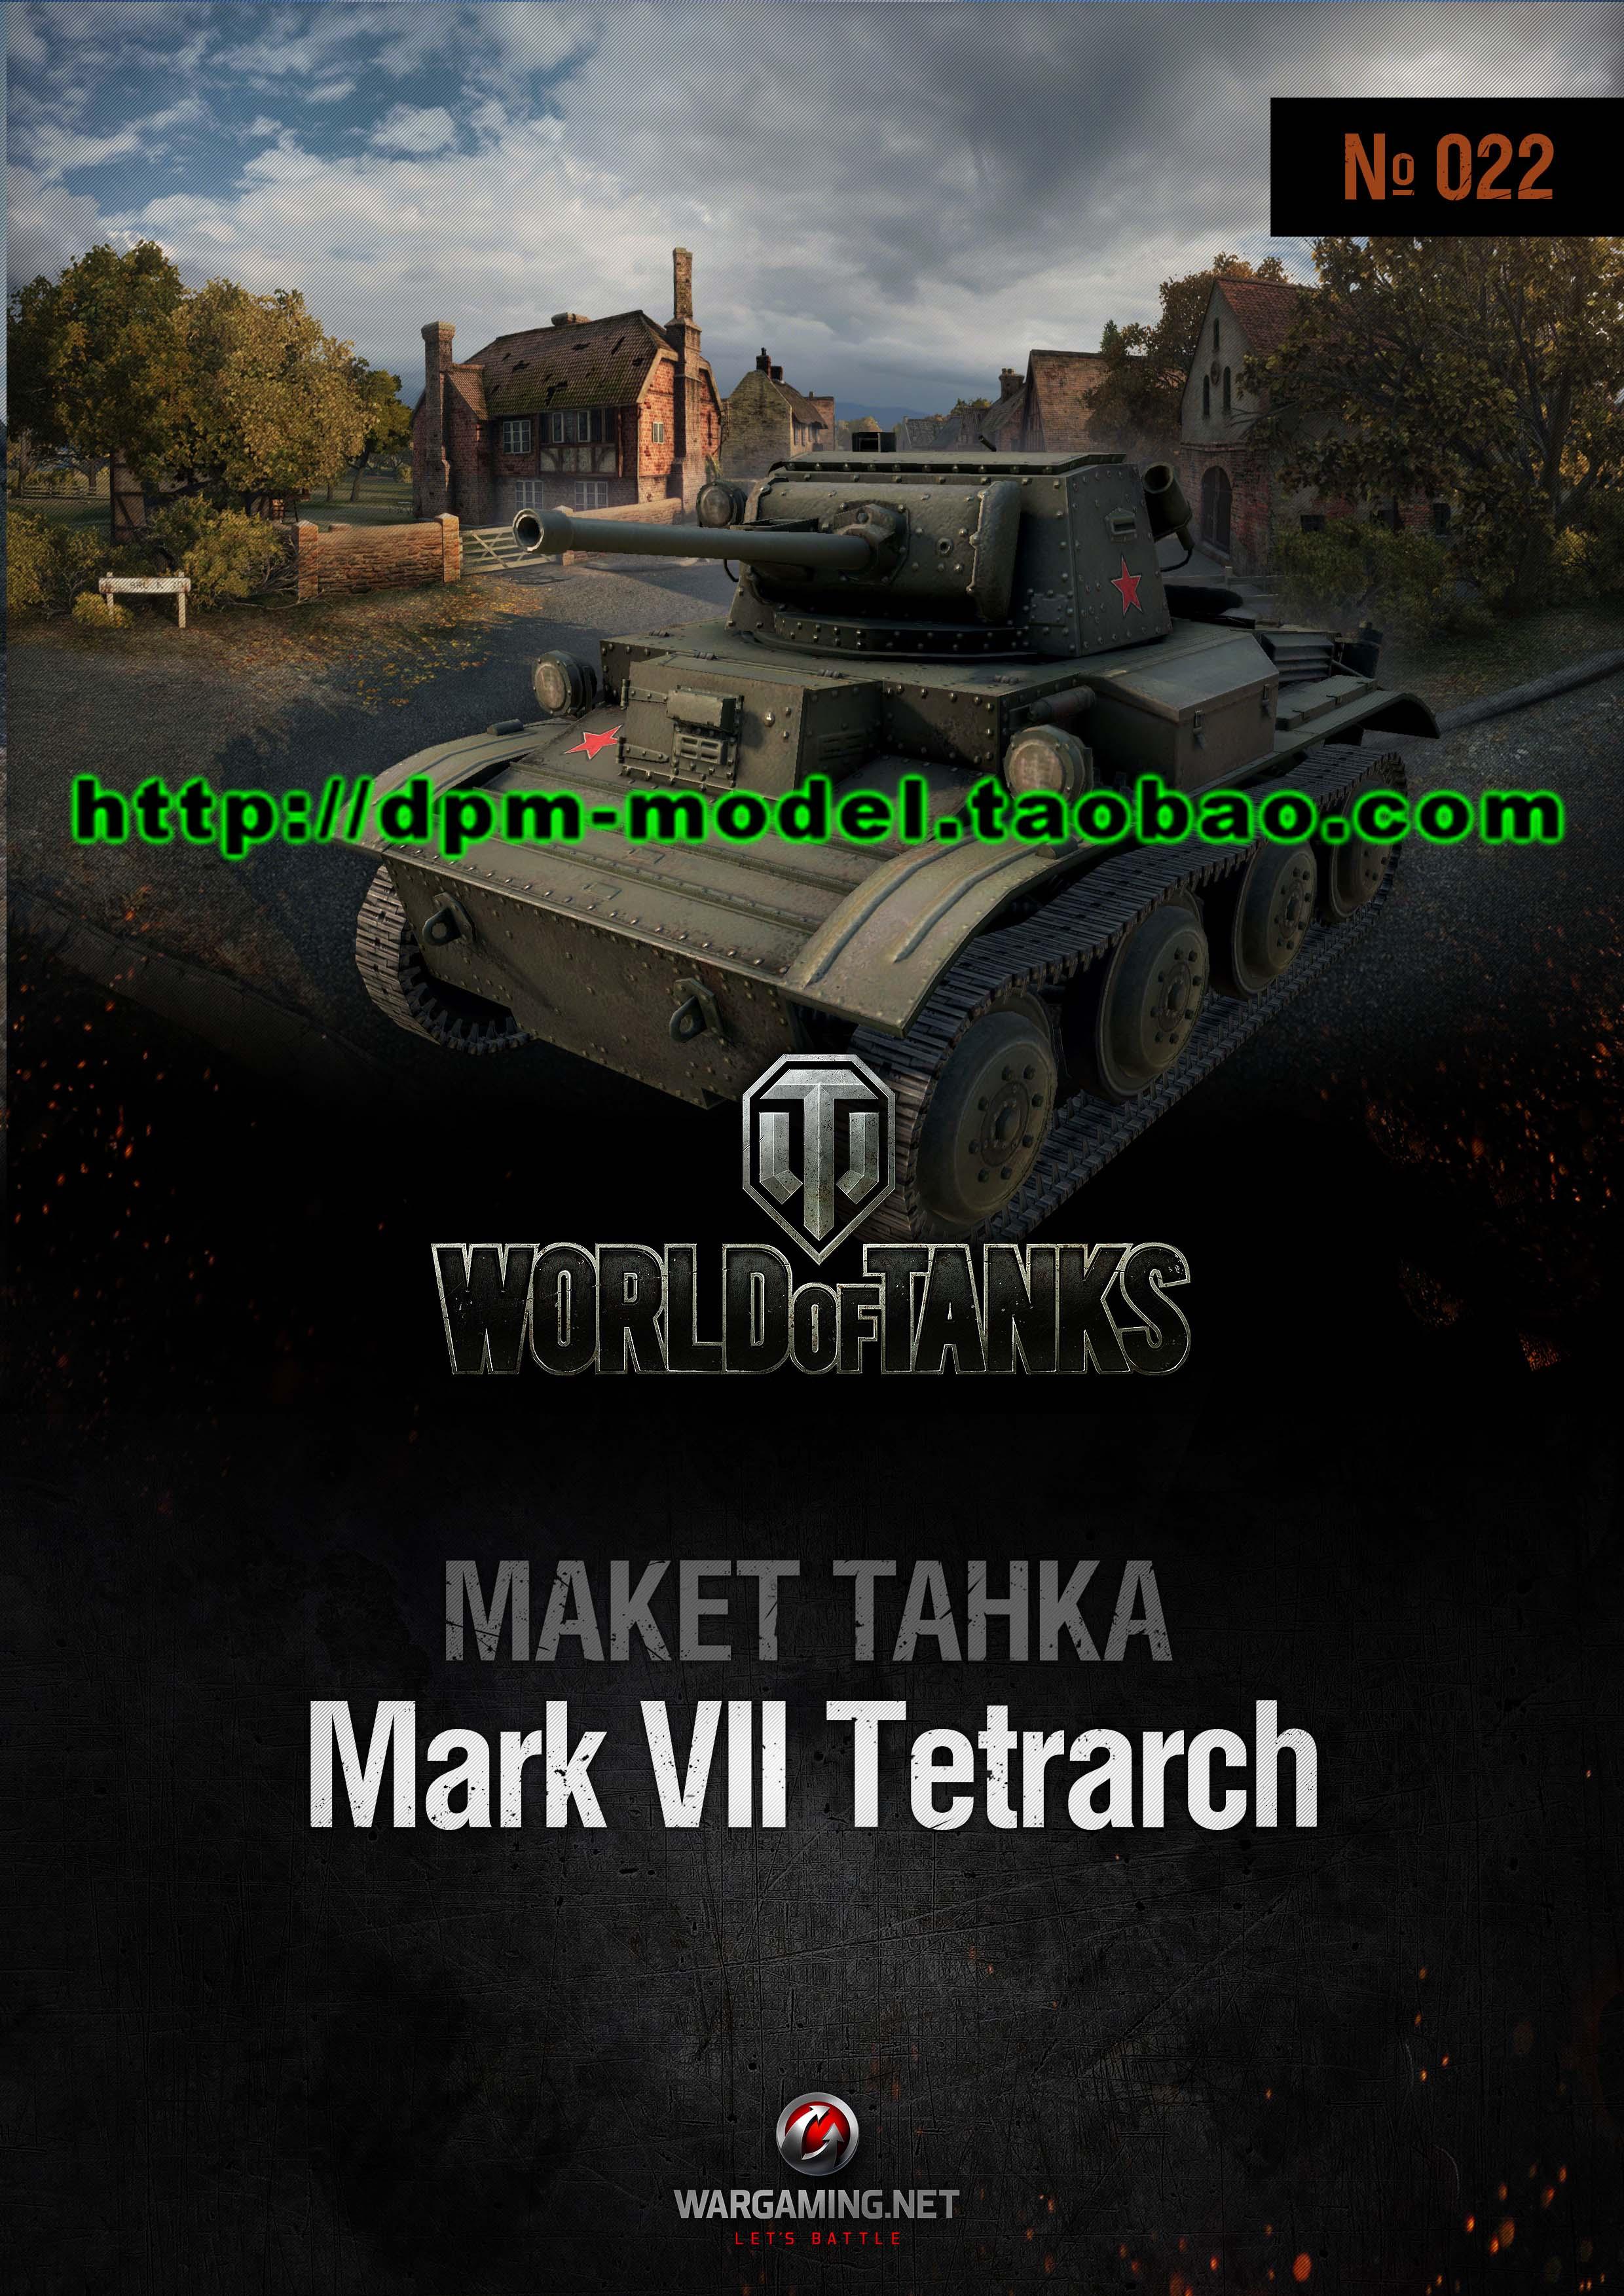 戦車の世界Mark.VIITetrarch 1:72 1:35印刷版DPM紙モデル